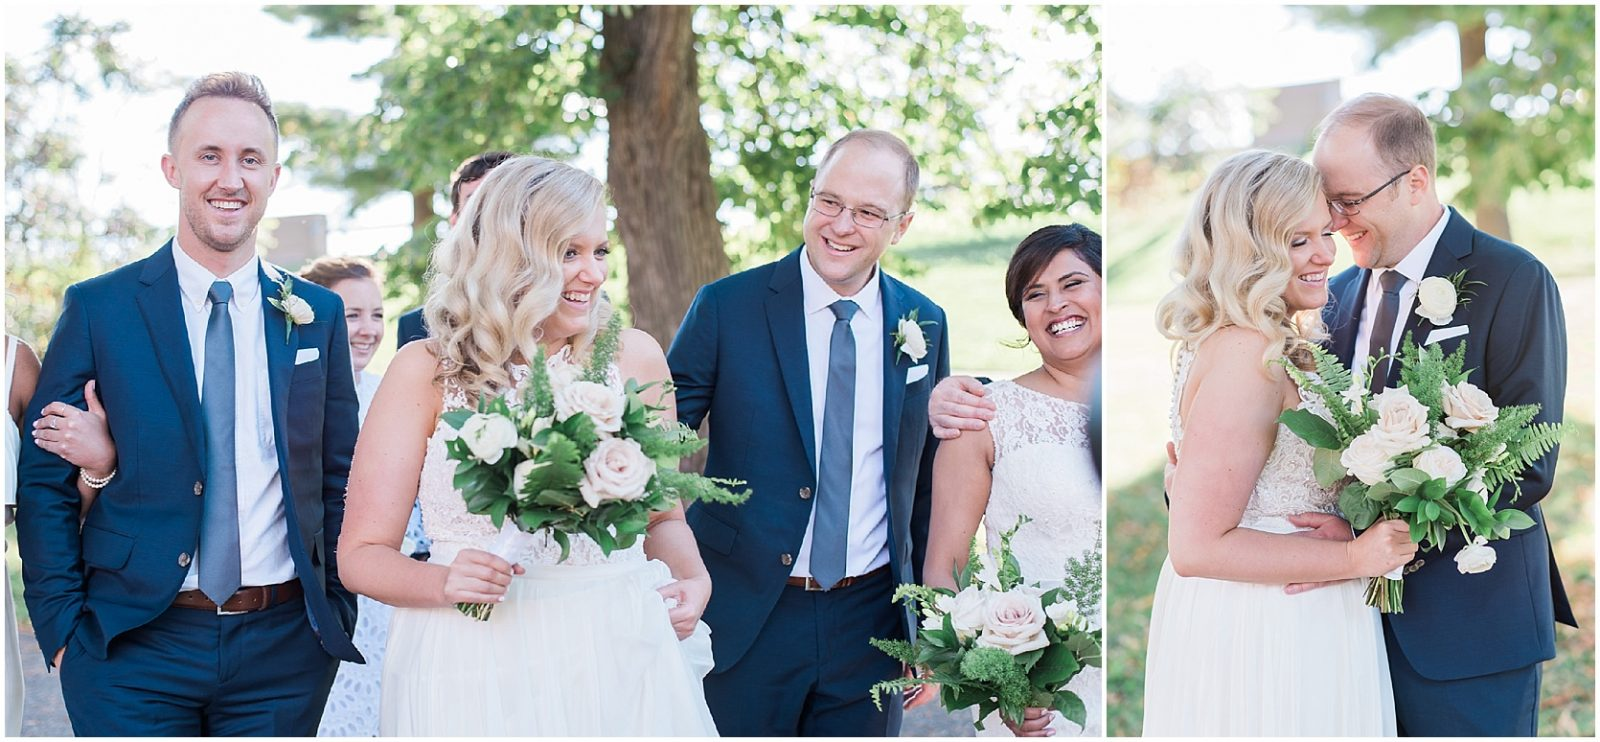 0044 SS-Late Summer Wedding at Zibi - Ottawa_PhotosbyEmmaH_WEB.jpg